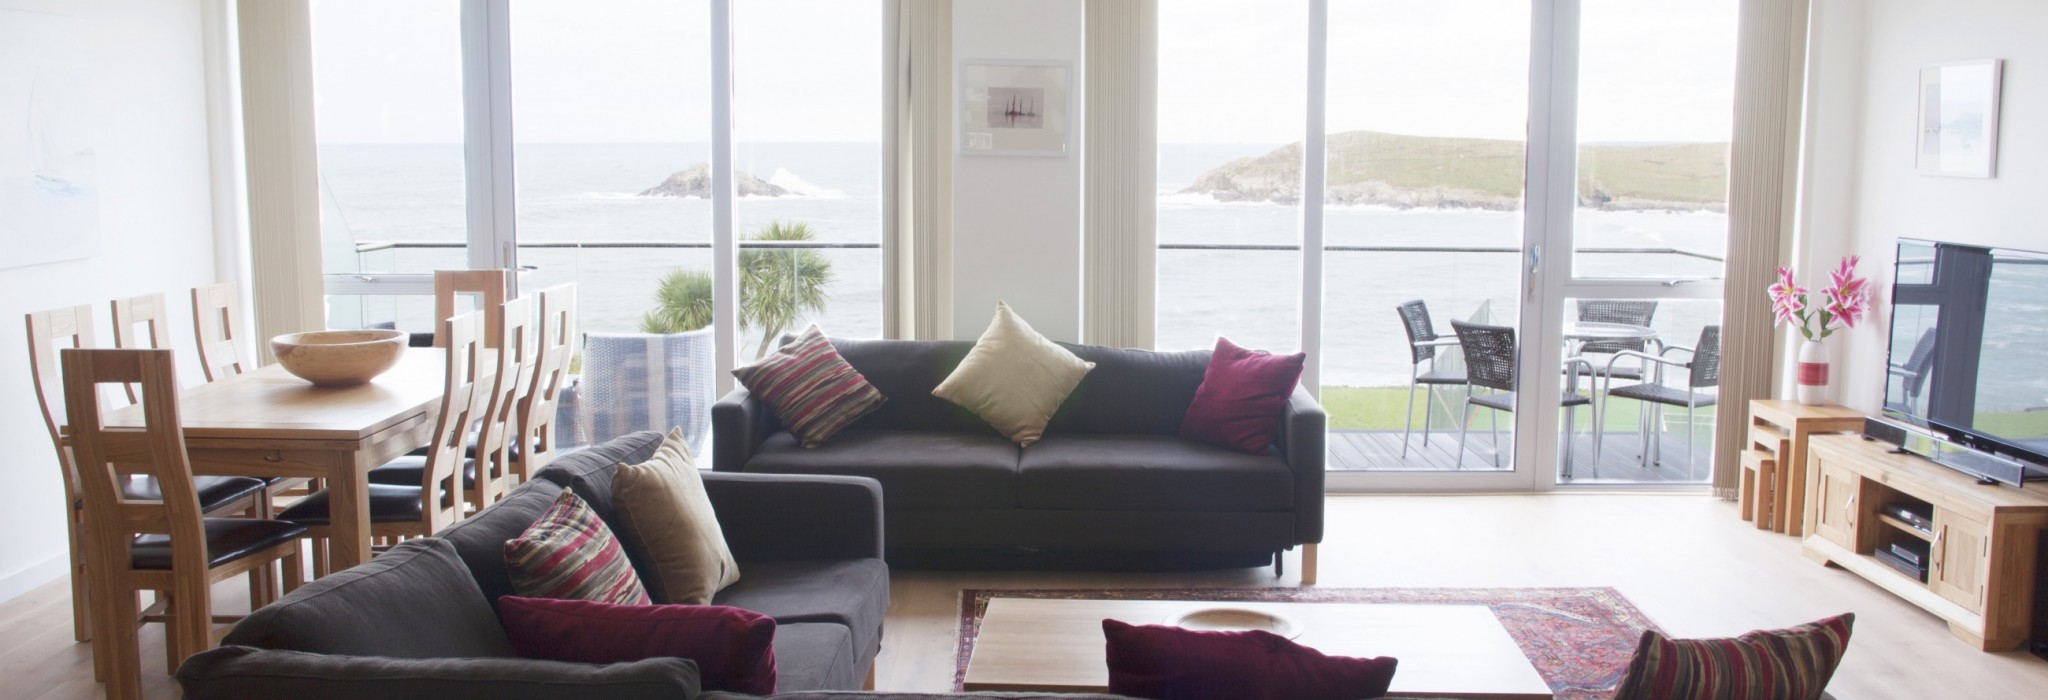 Living area - Crantock Bay Apartments